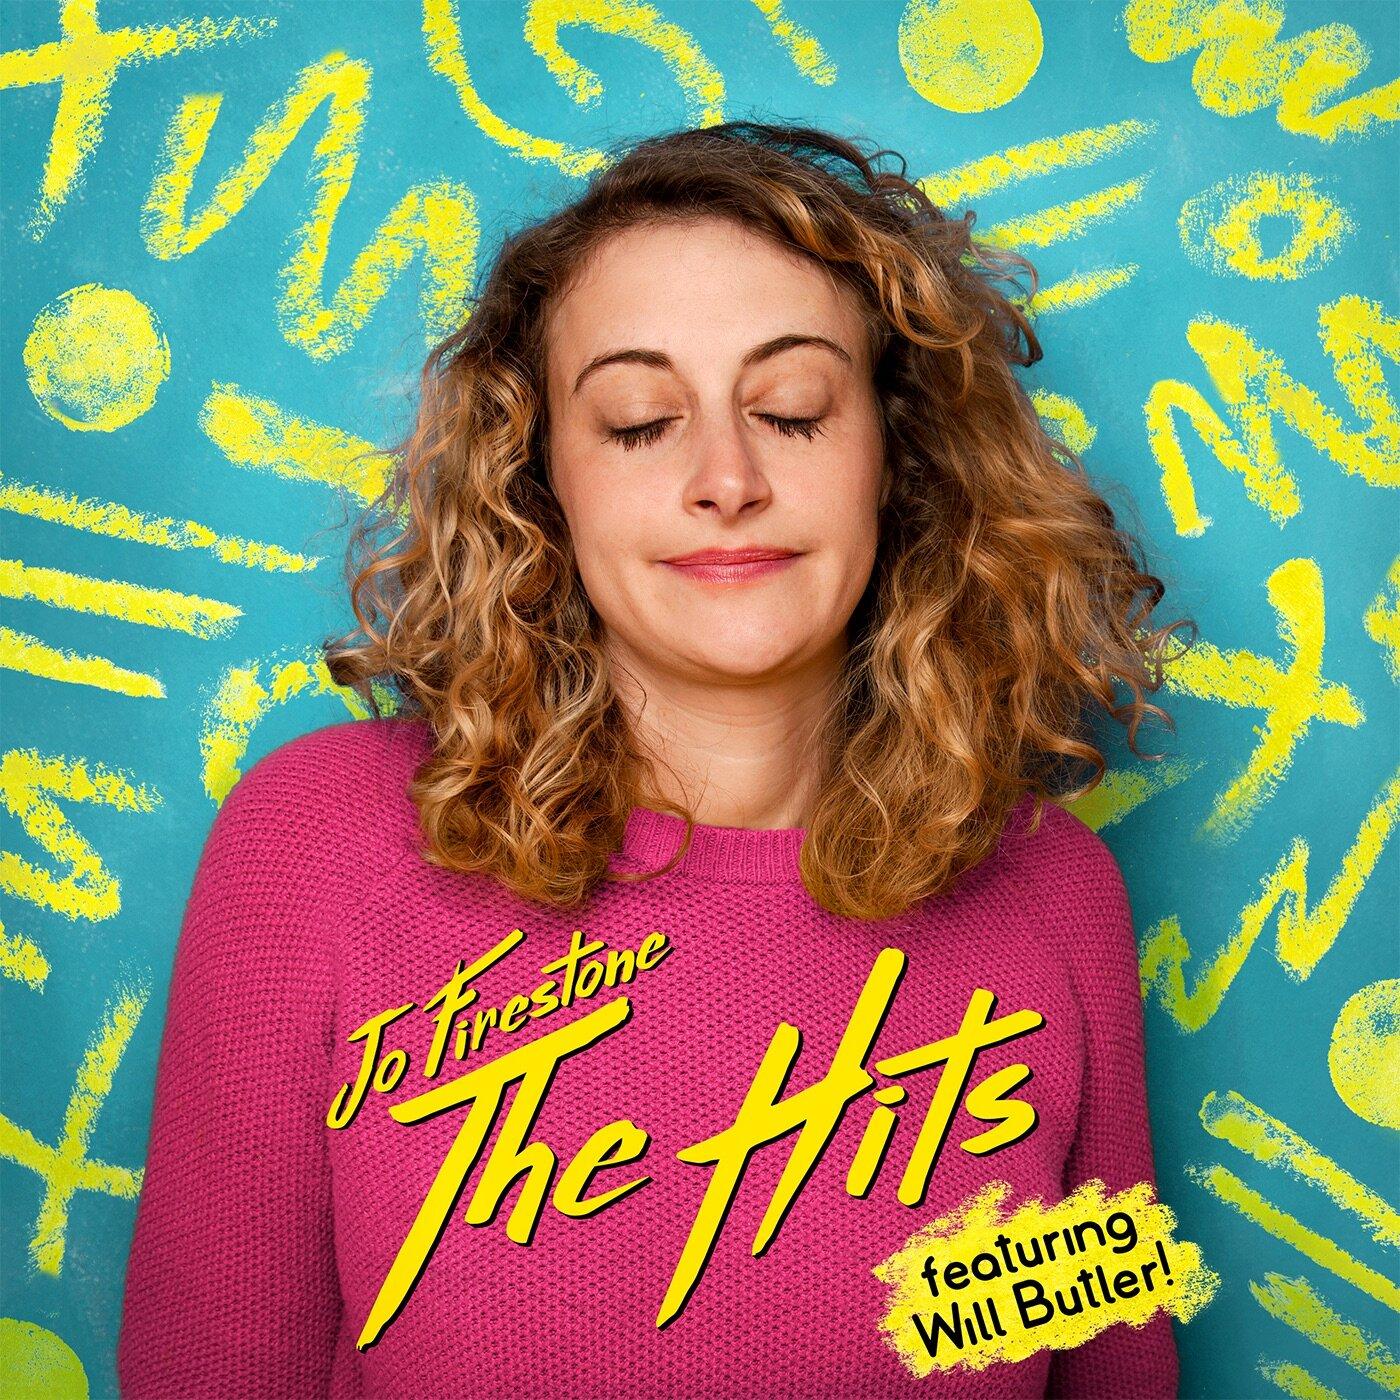 Jo Firestone The Hits.jpg